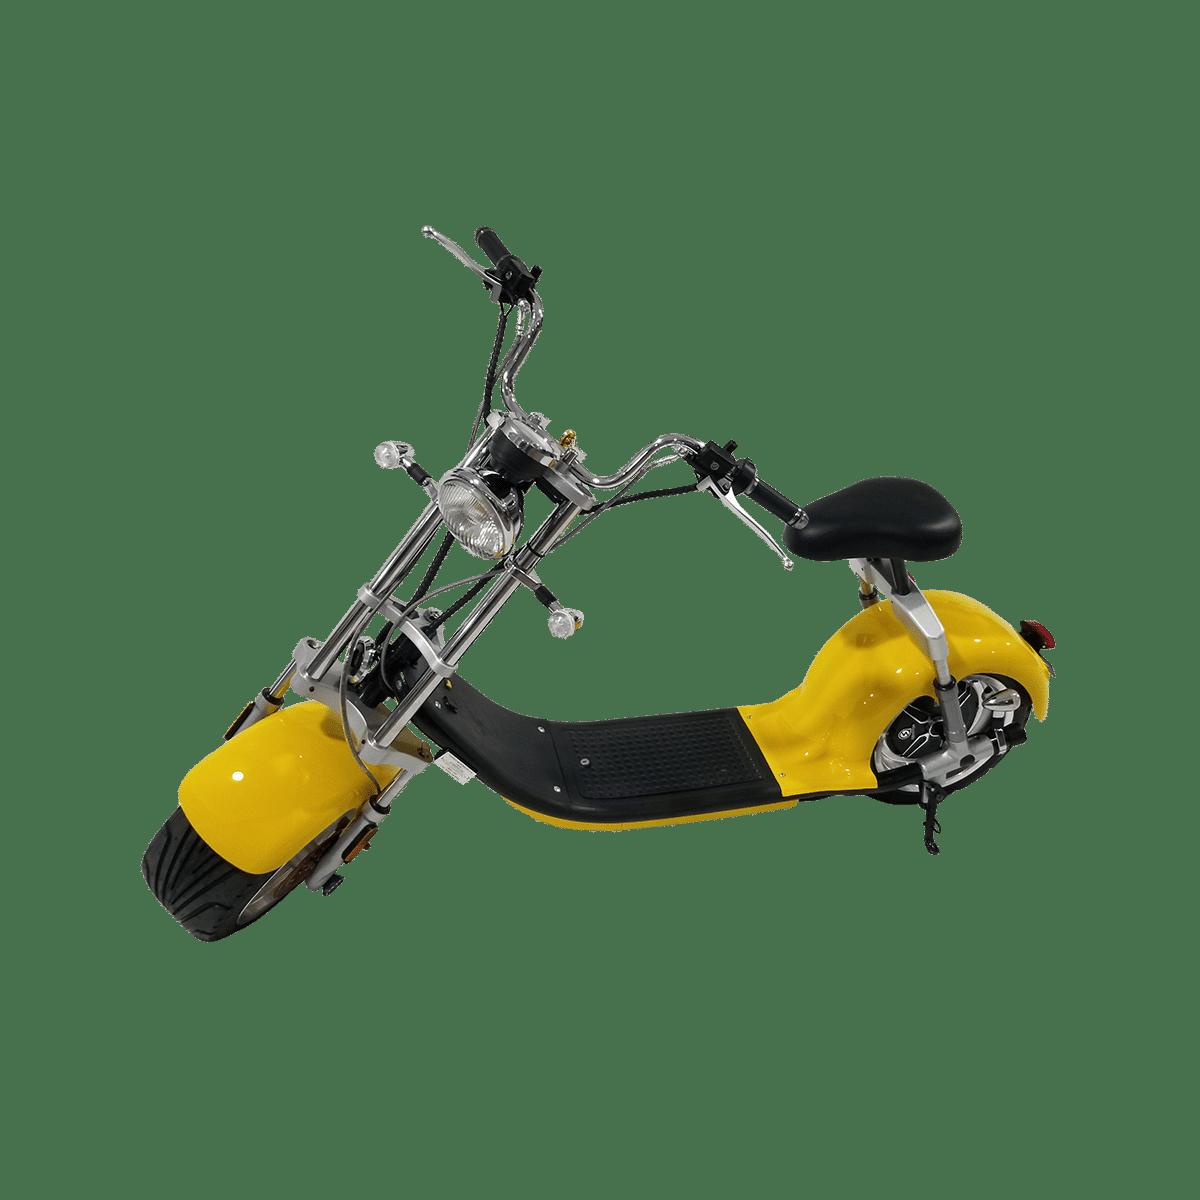 Citycoco Harley Deluxe Jaune 1190€ 20